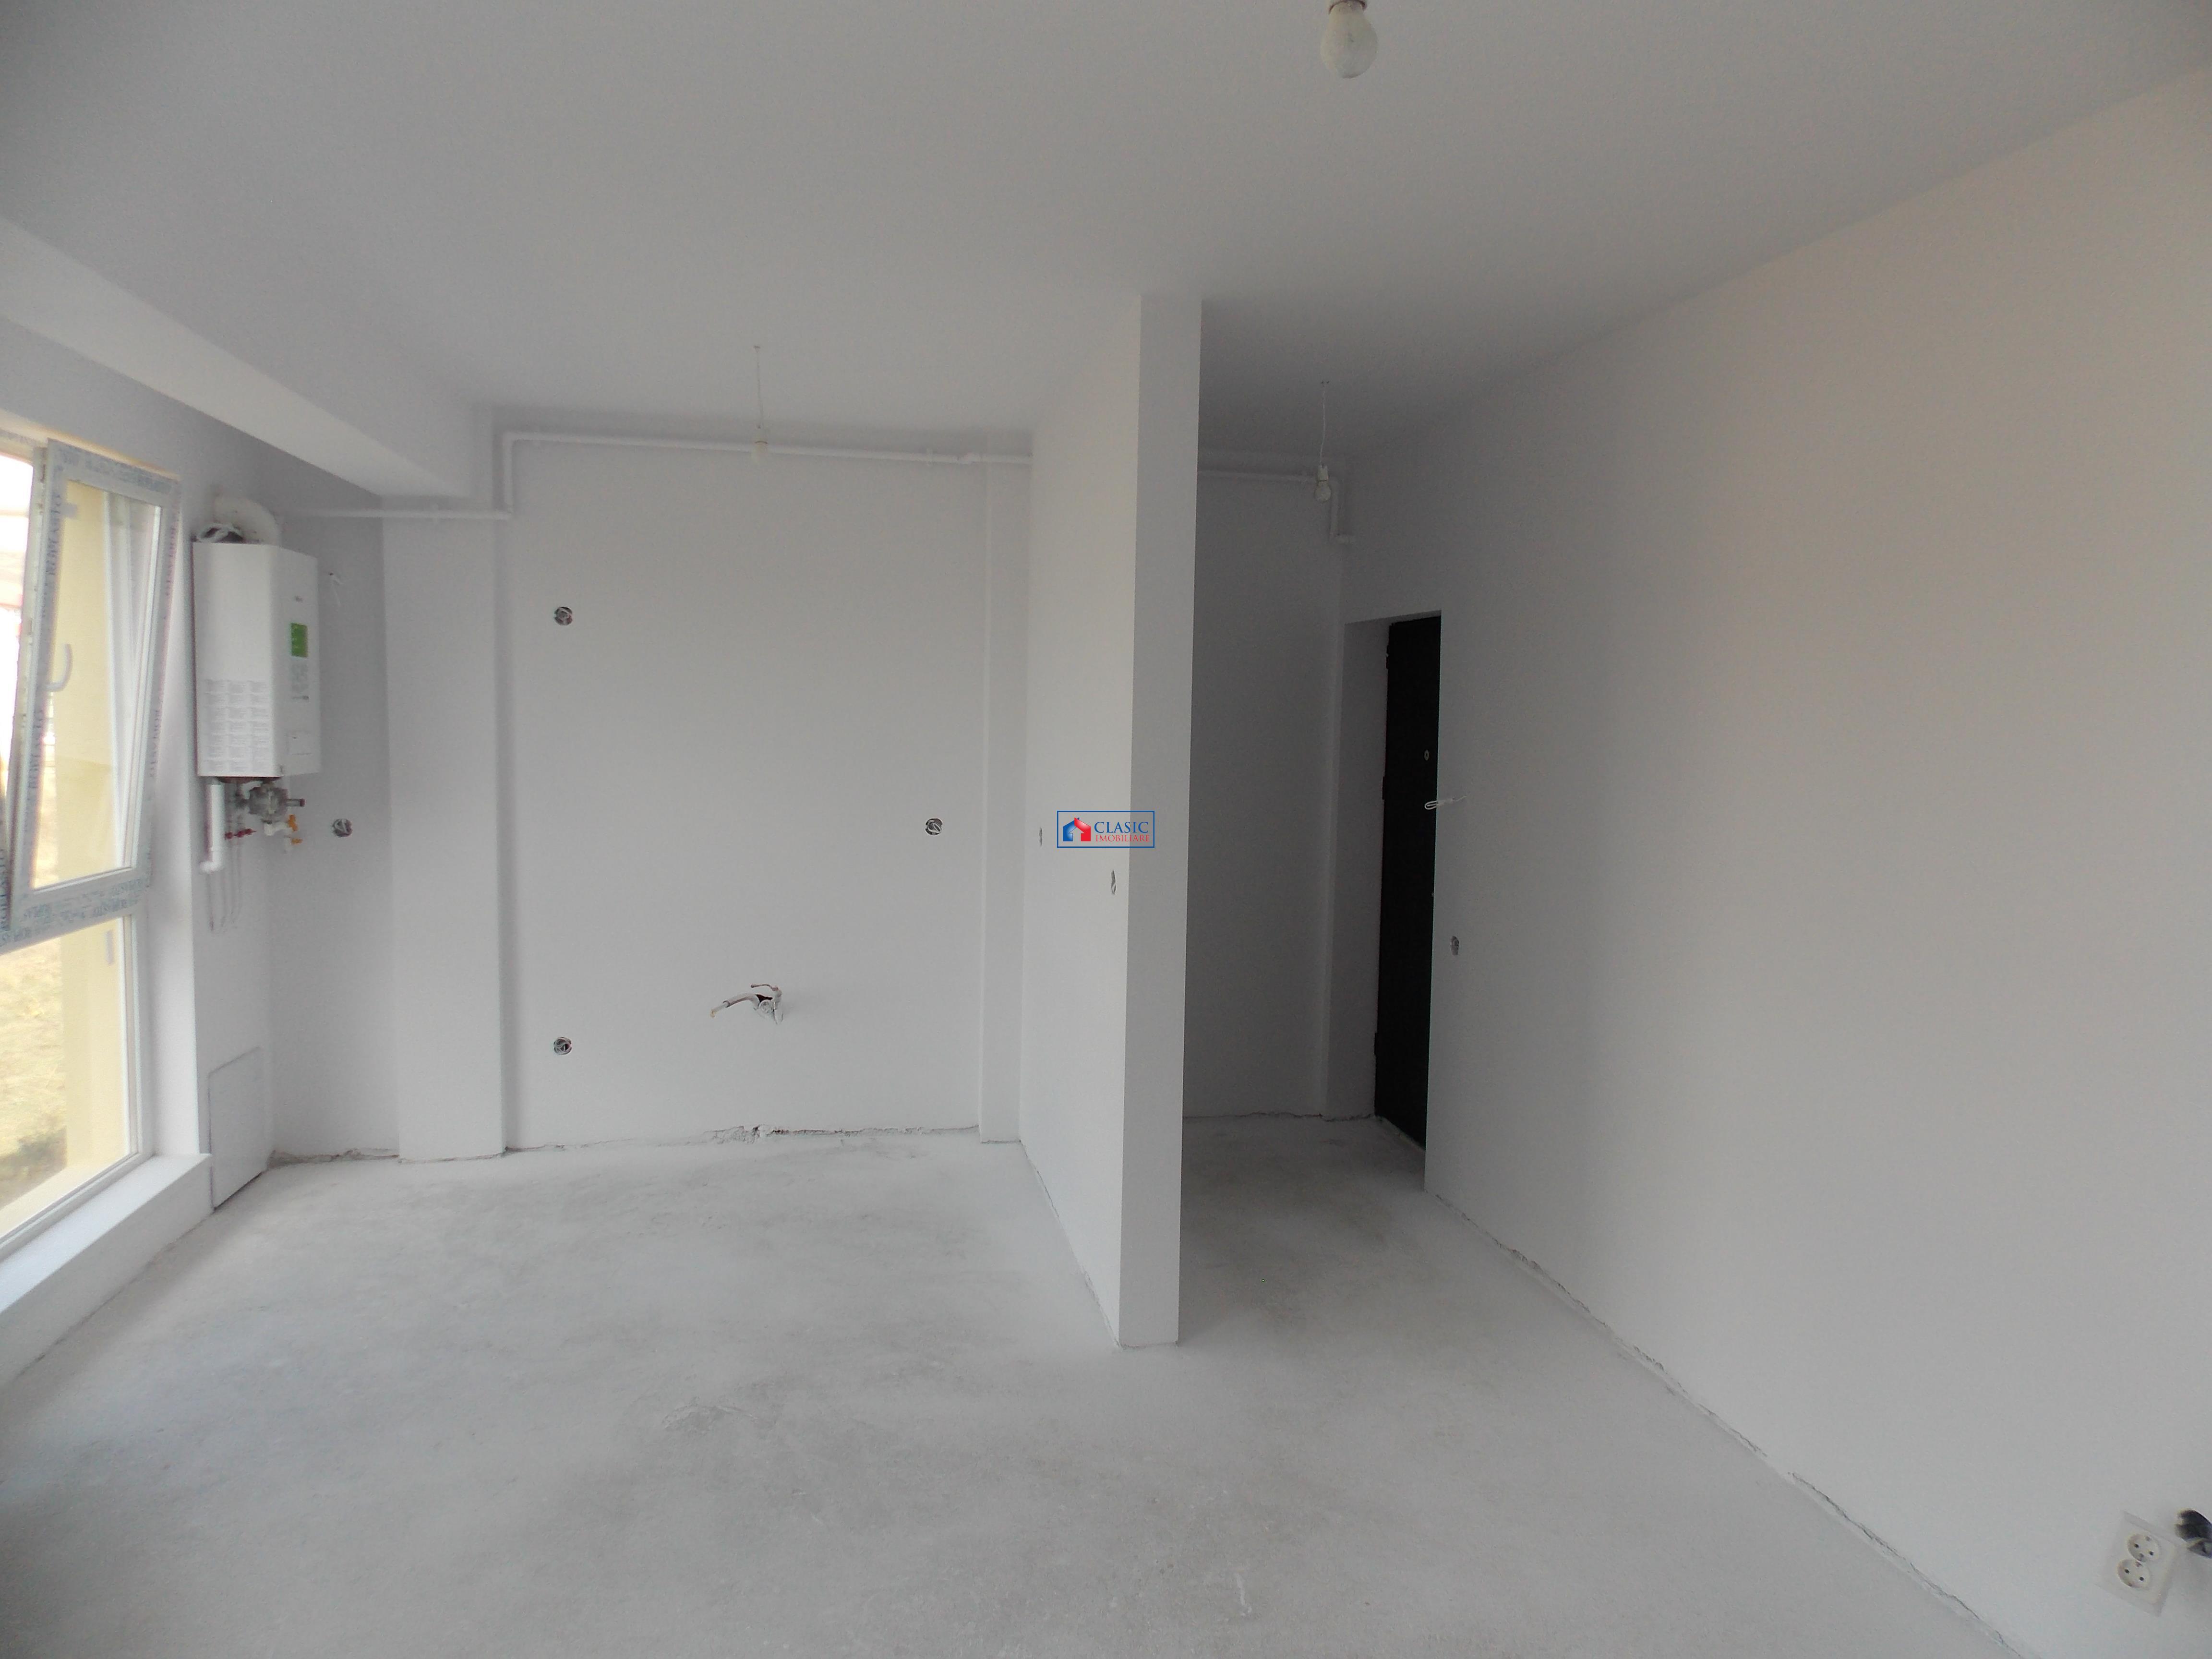 Vanzare Apartament 2 camere Profi Tineretului Floresti, Cluj Napoca